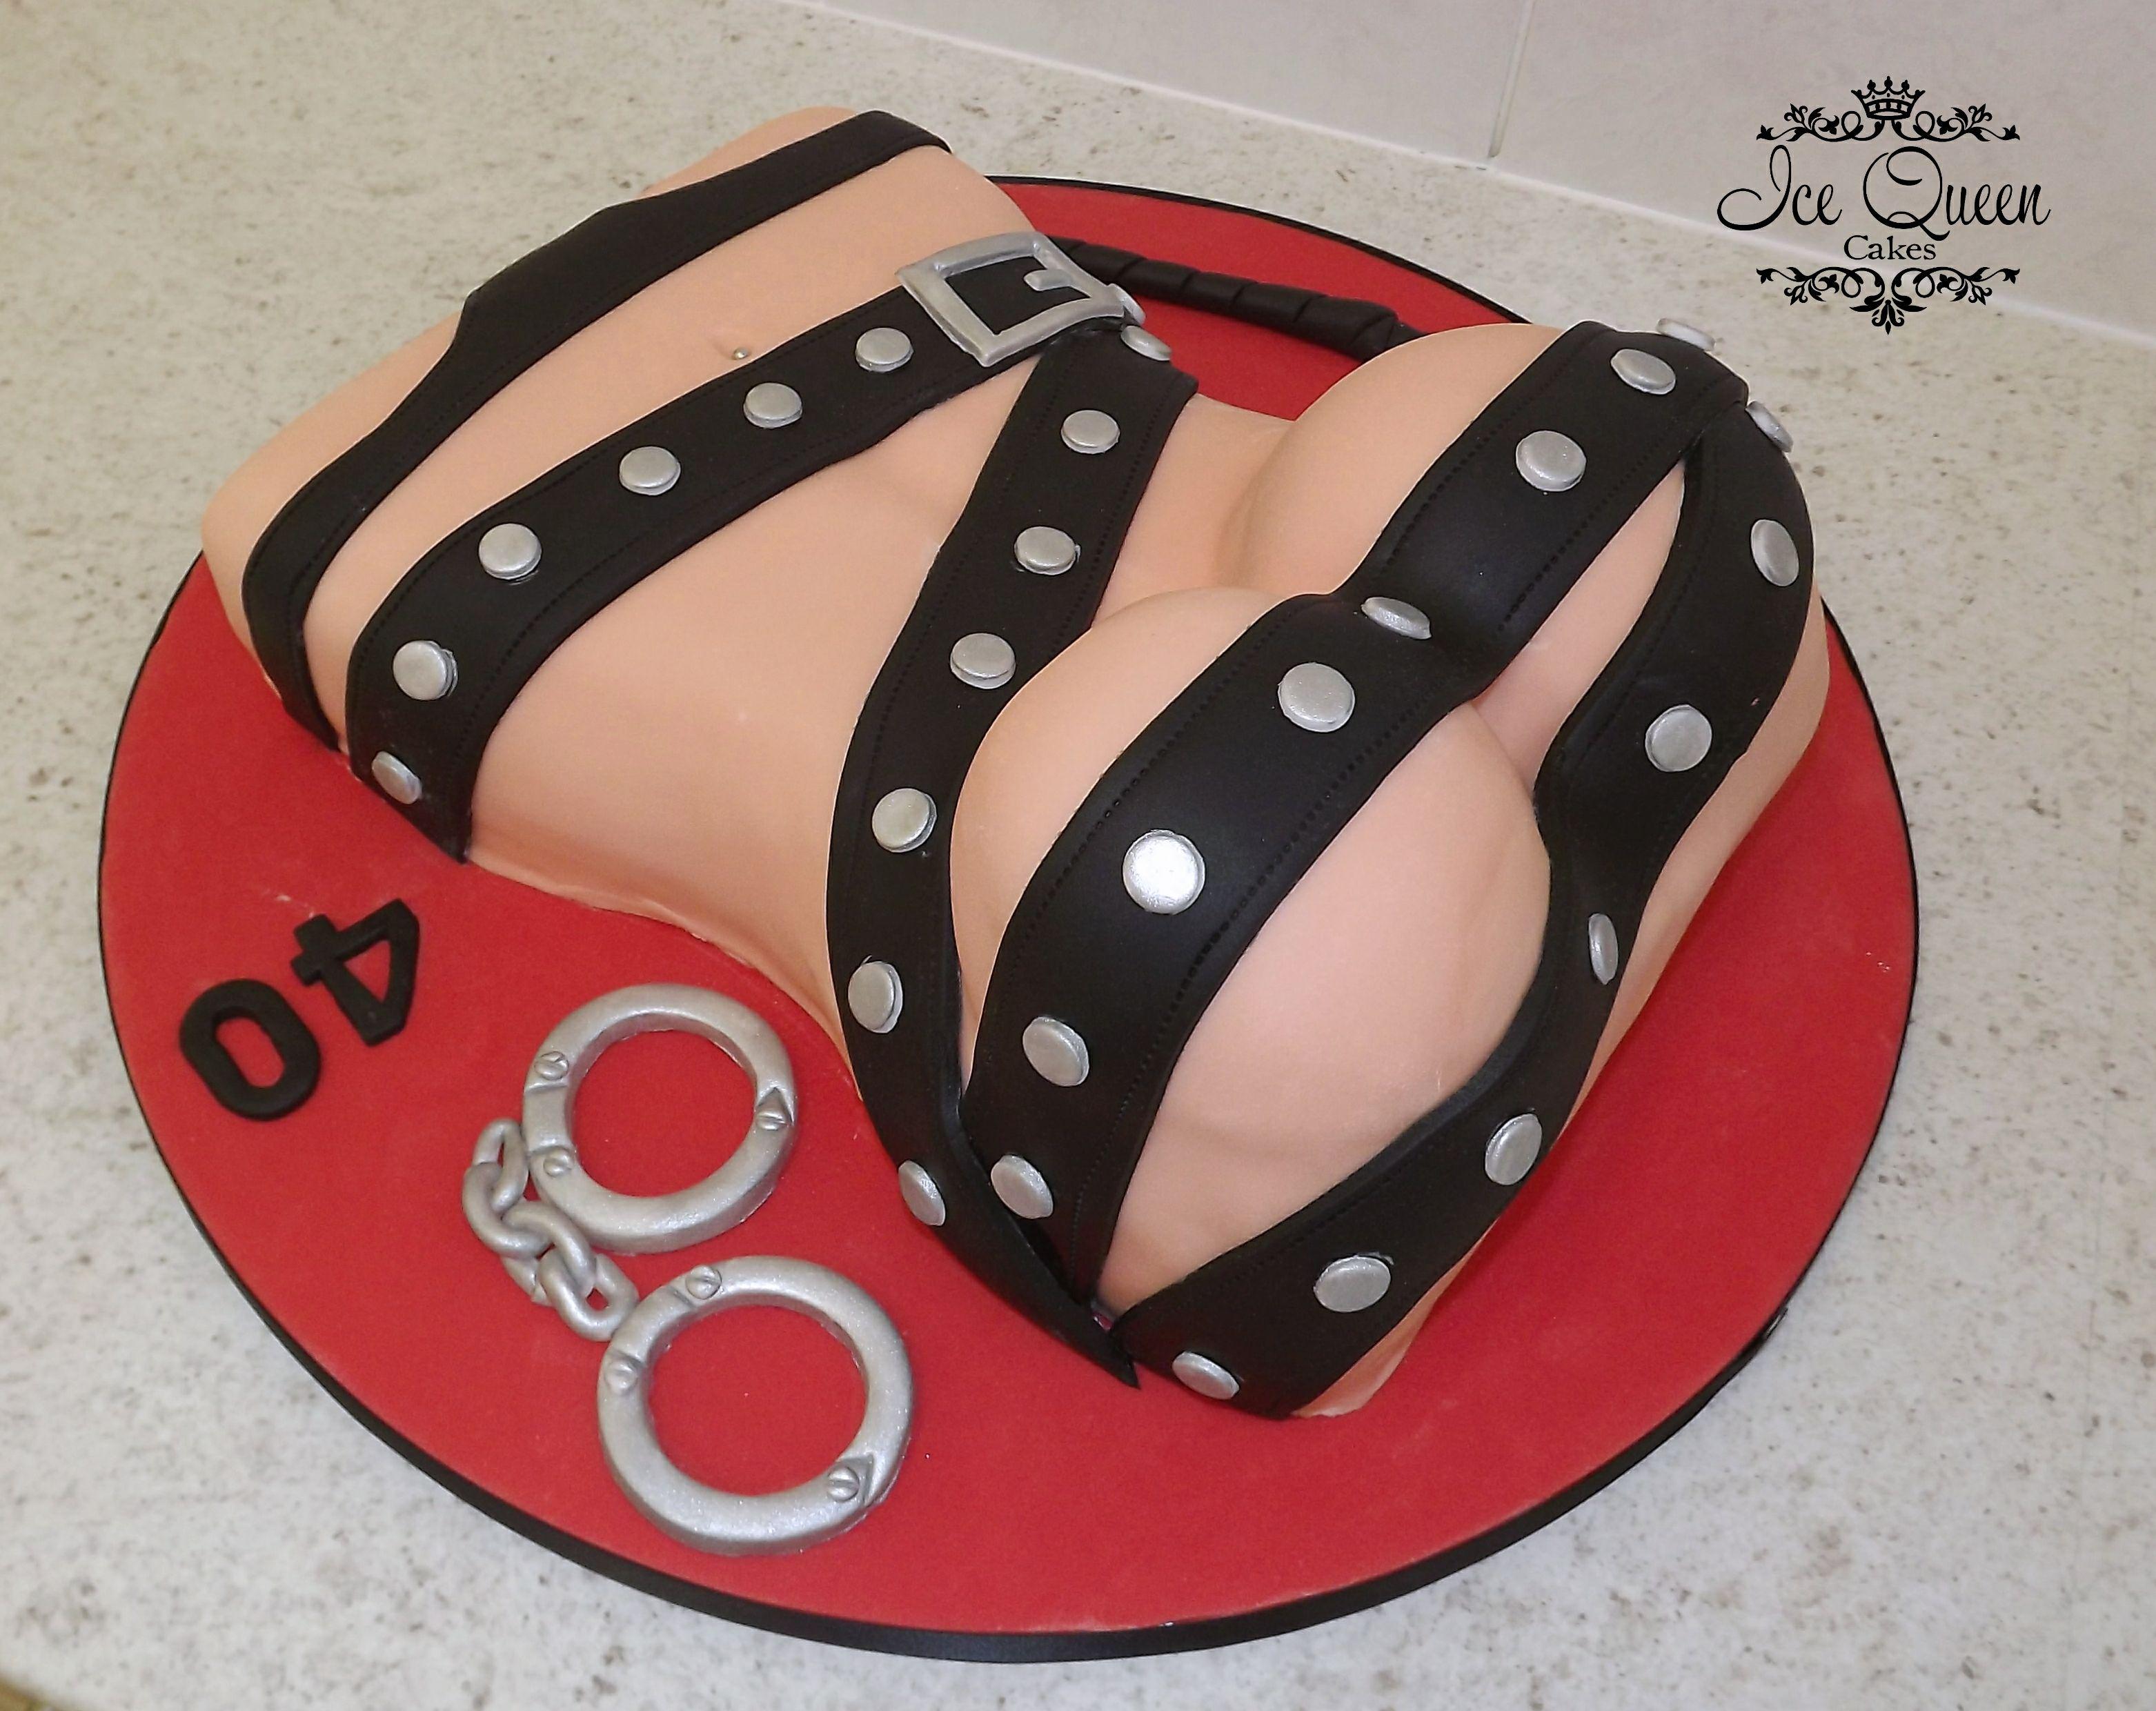 Custom erotic cakes